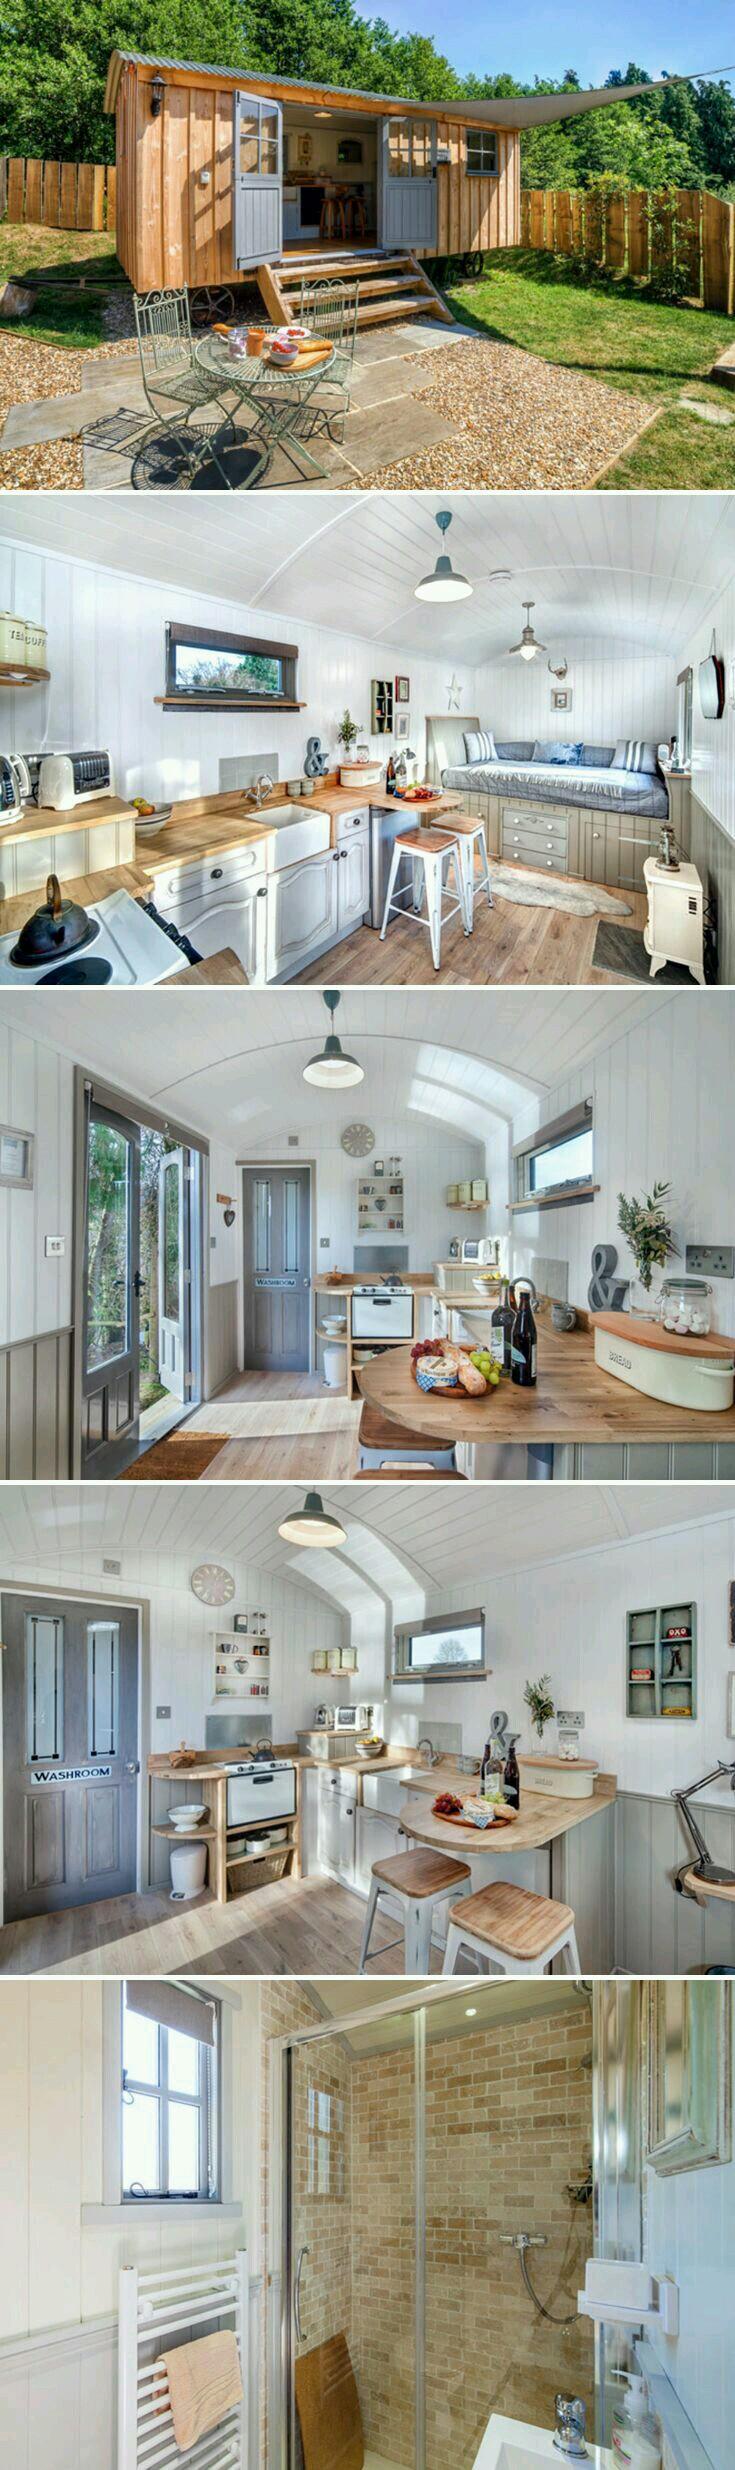 Liebevoll Saniert: Moderne Landhaus Idylle Bei Hamburg | Holztisch,  Esszimmer Und Wohnzimmer